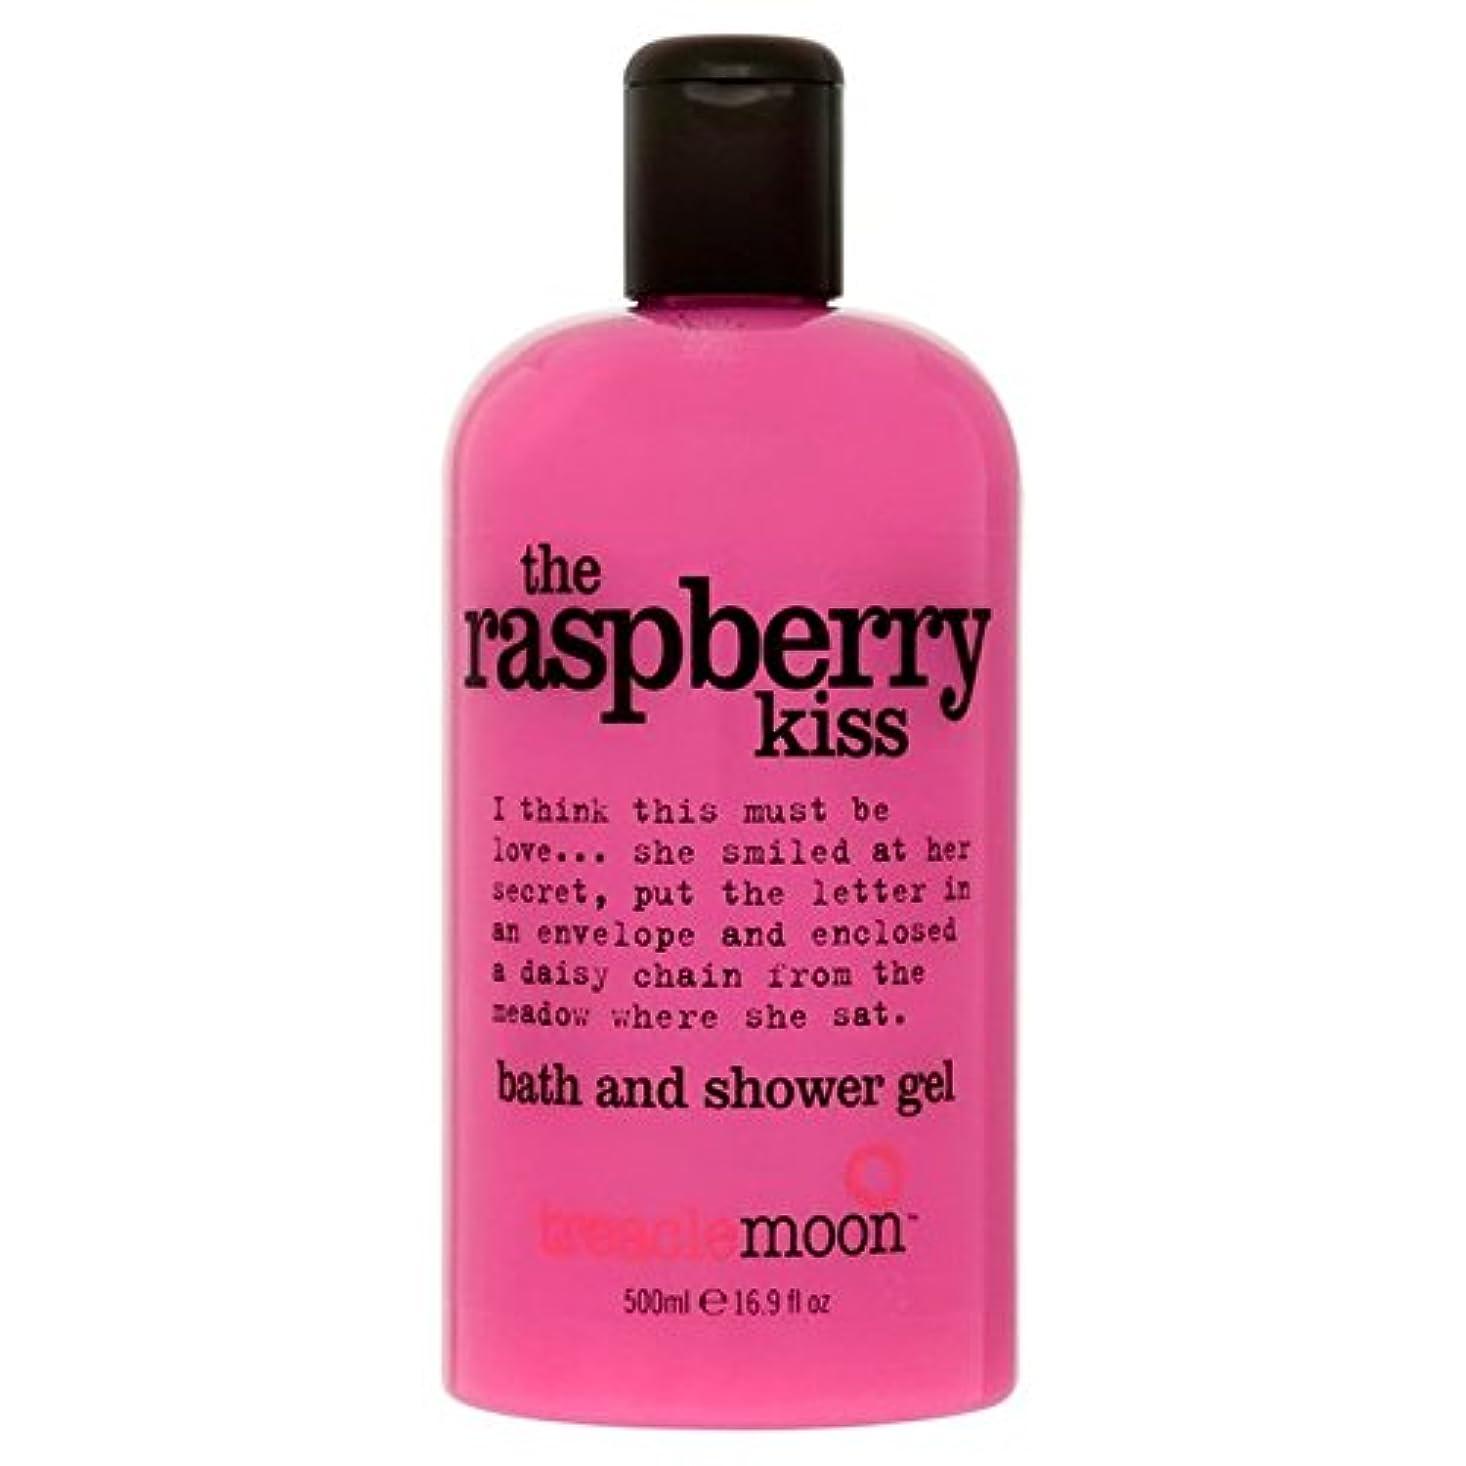 ランデブー音話糖蜜ムーンラズベリーバス&シャワージェル500ミリリットル x2 - Treacle Moon Raspberry Bath & Shower Gel 500ml (Pack of 2) [並行輸入品]